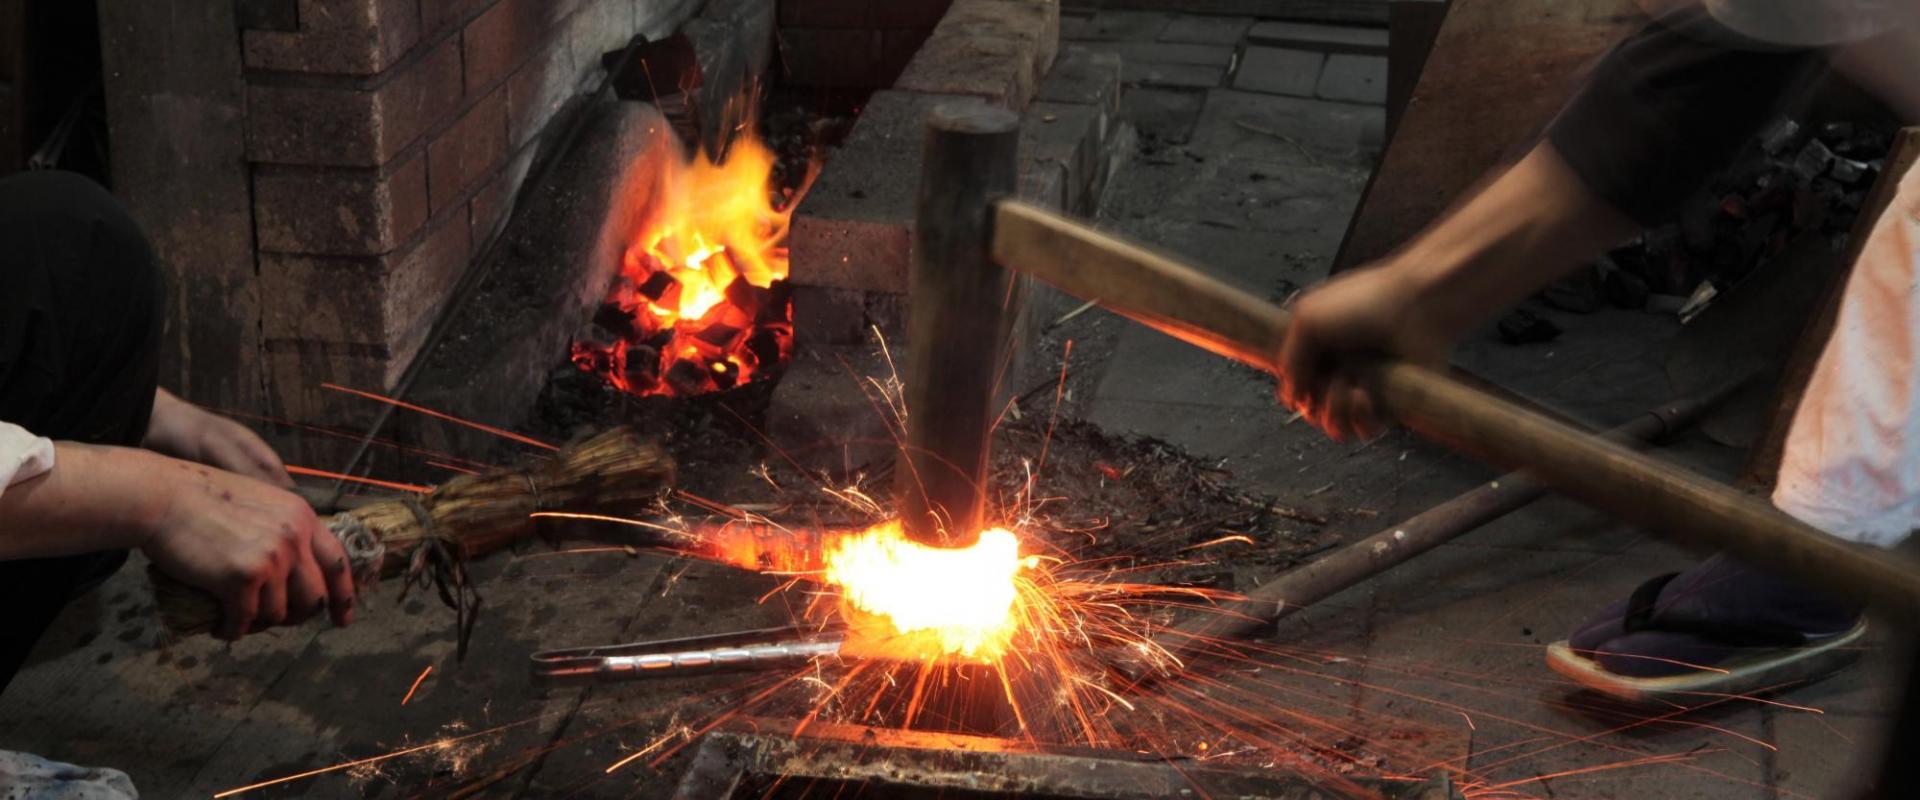 日本刀の聖地・備前長船で古式鍛錬見学とペーパーナイフ作り体験